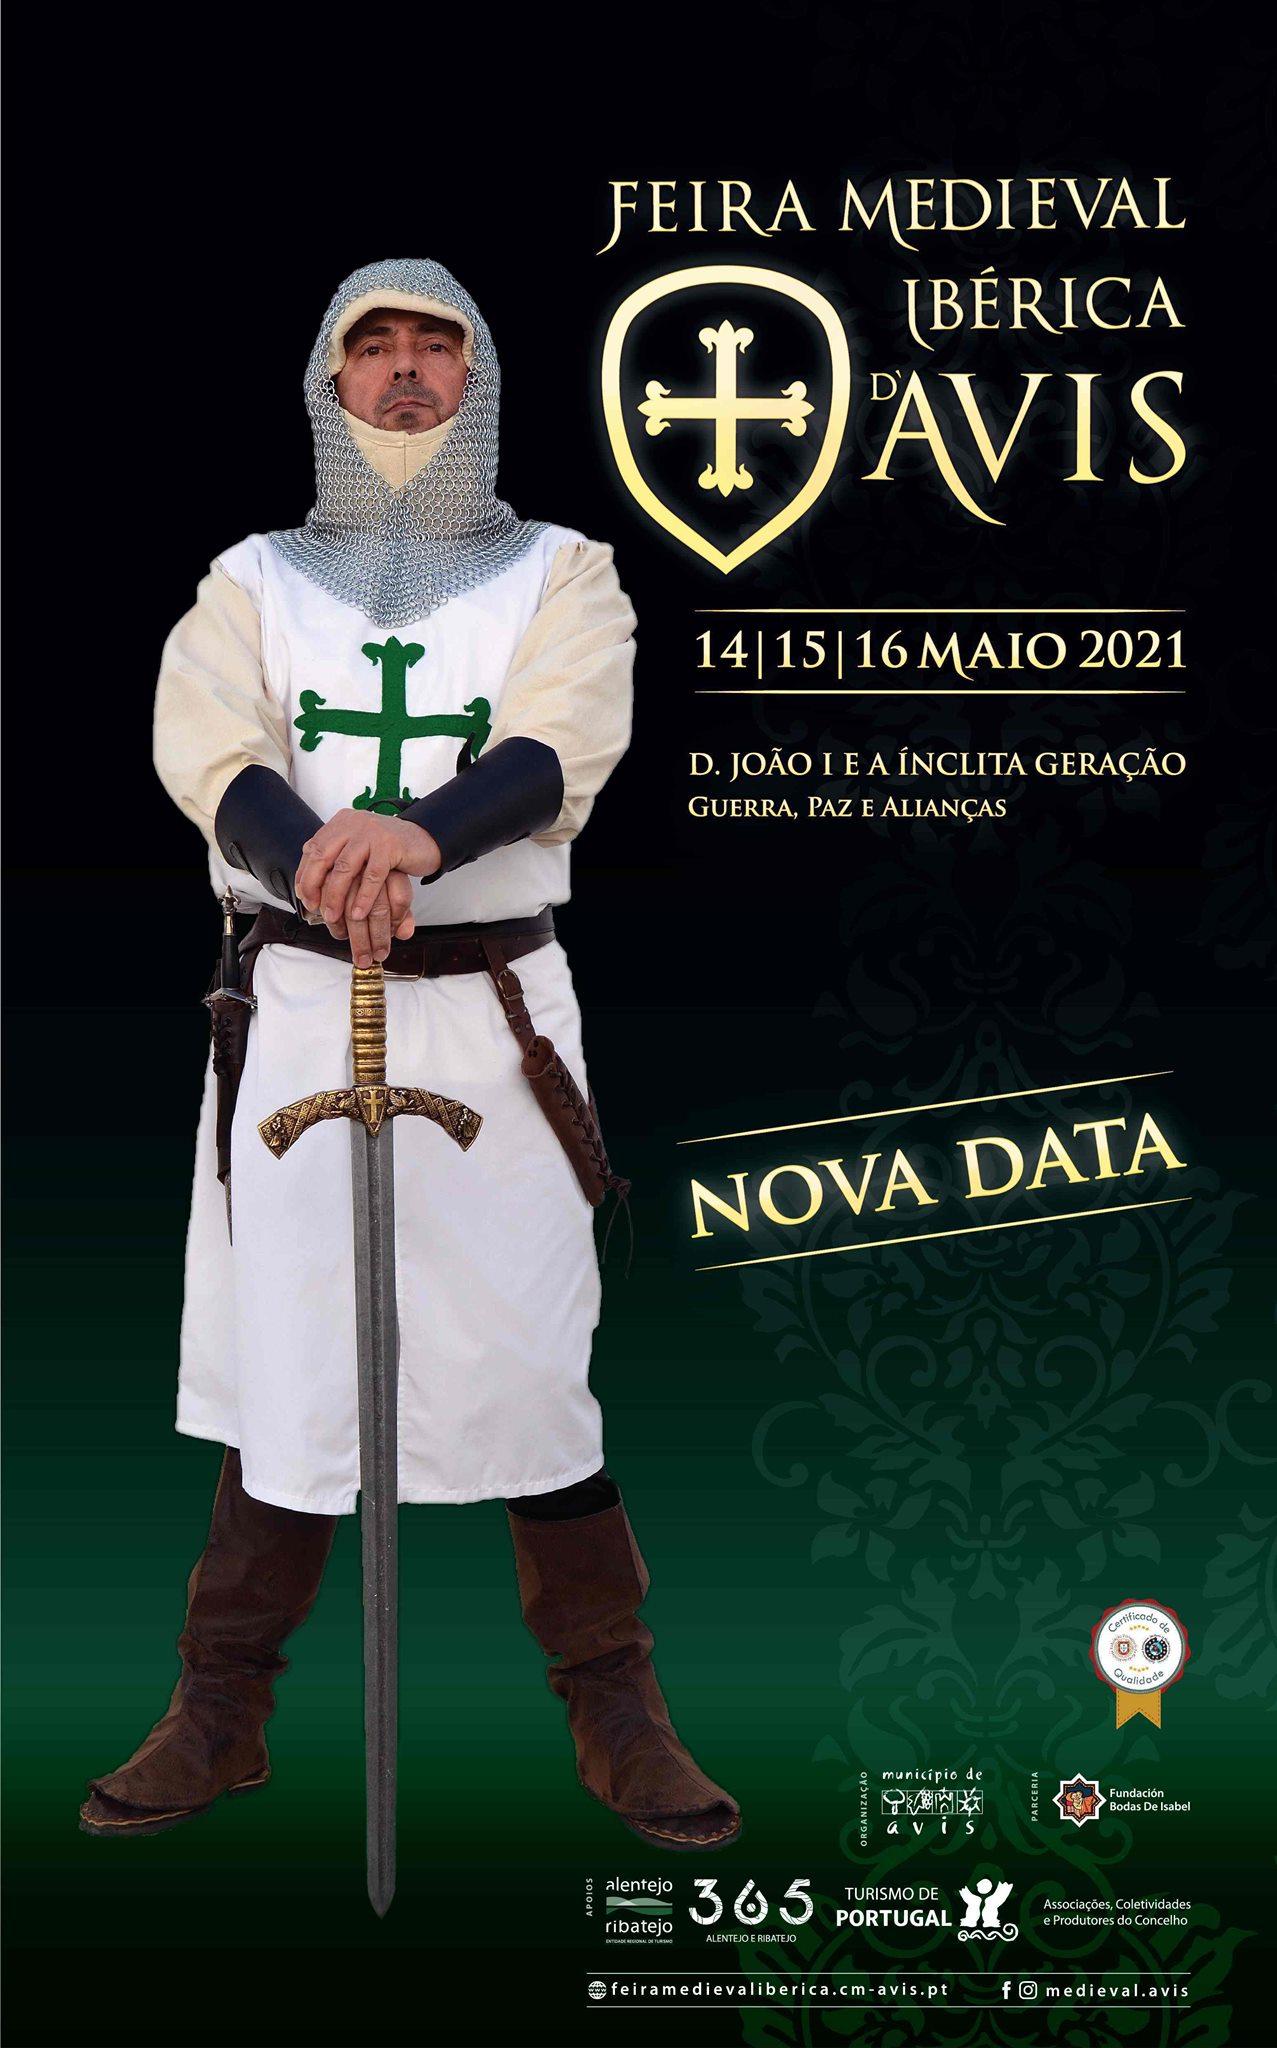 Feira Medieval Ibérica de Avis 2021